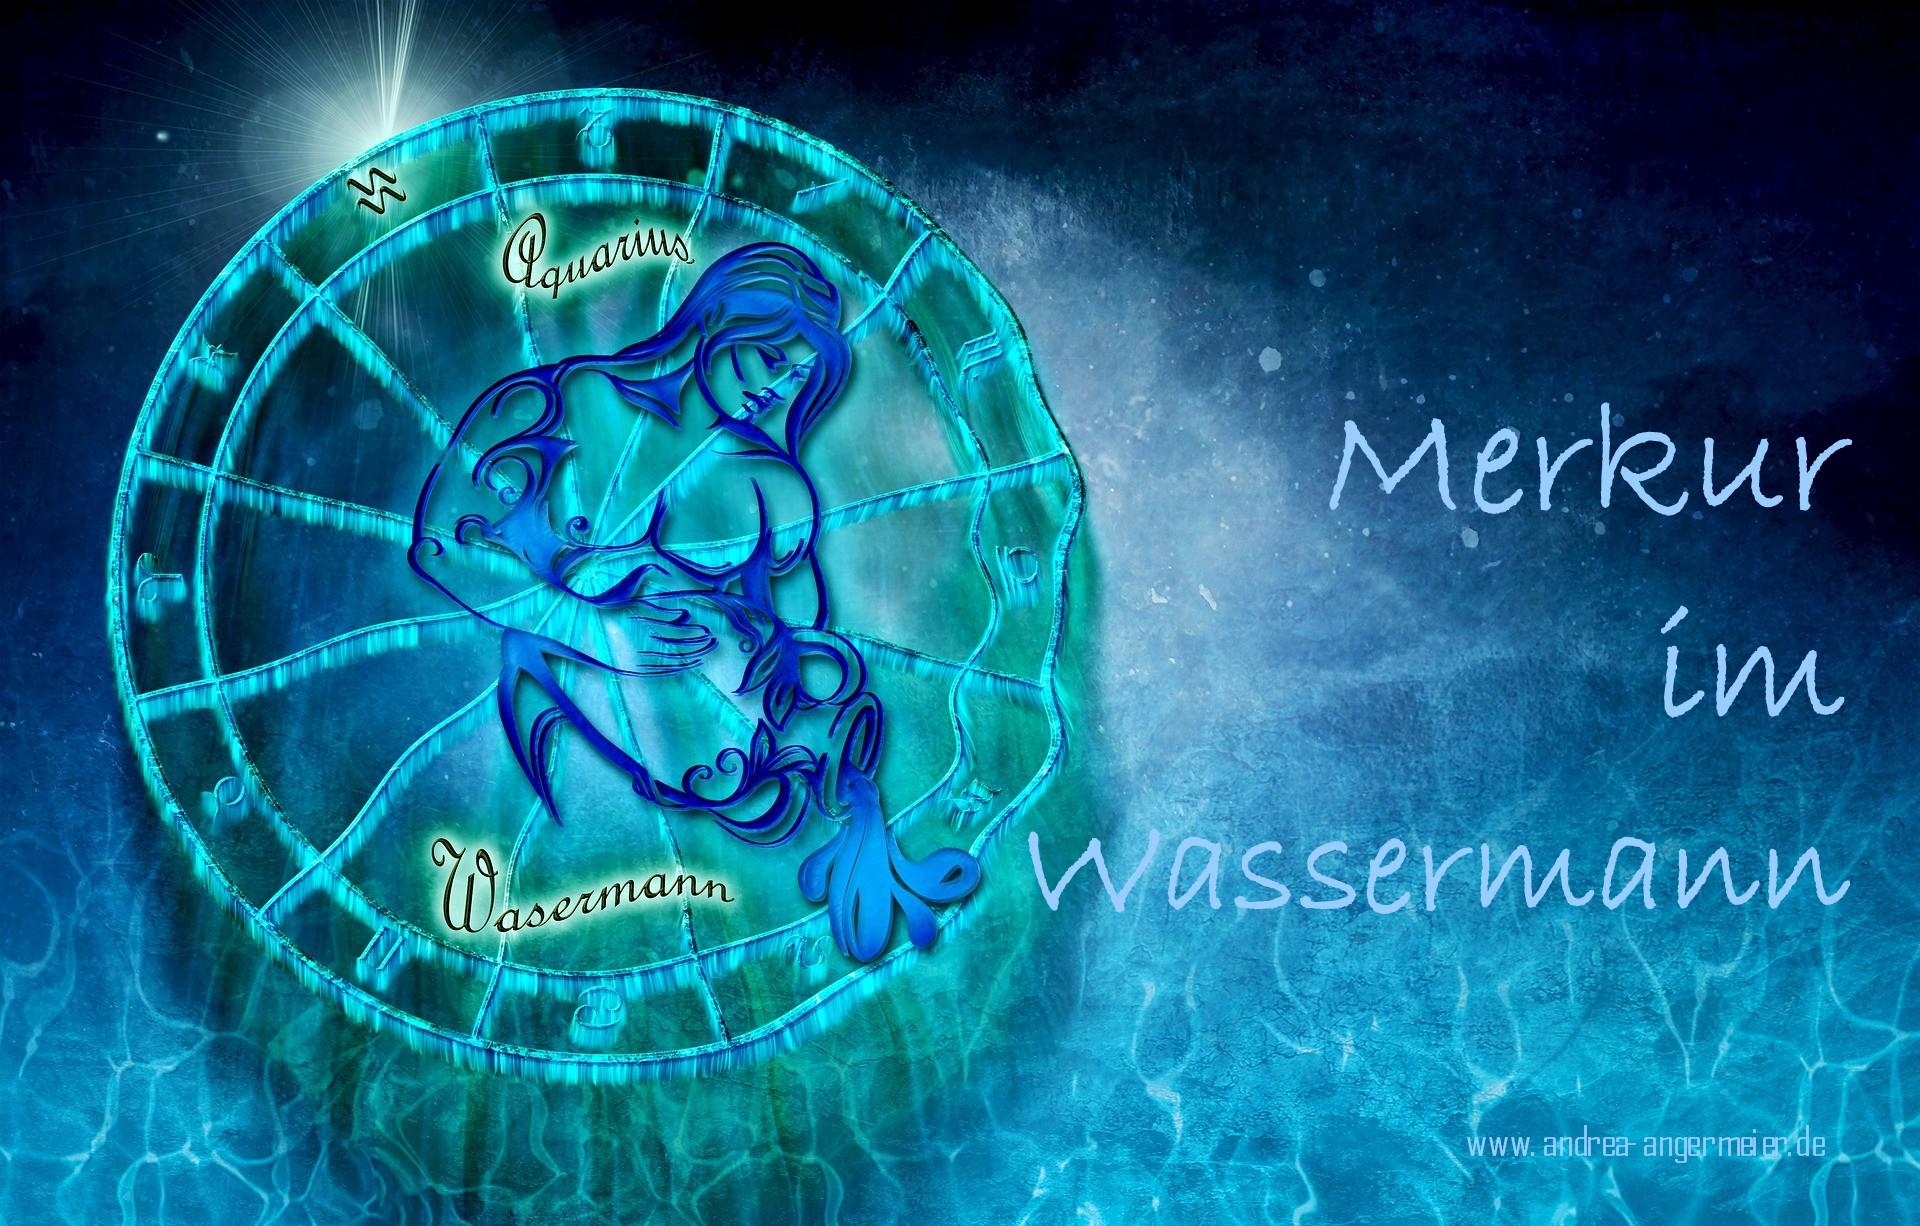 Merkur im Wassermann - Andrea Angermeier